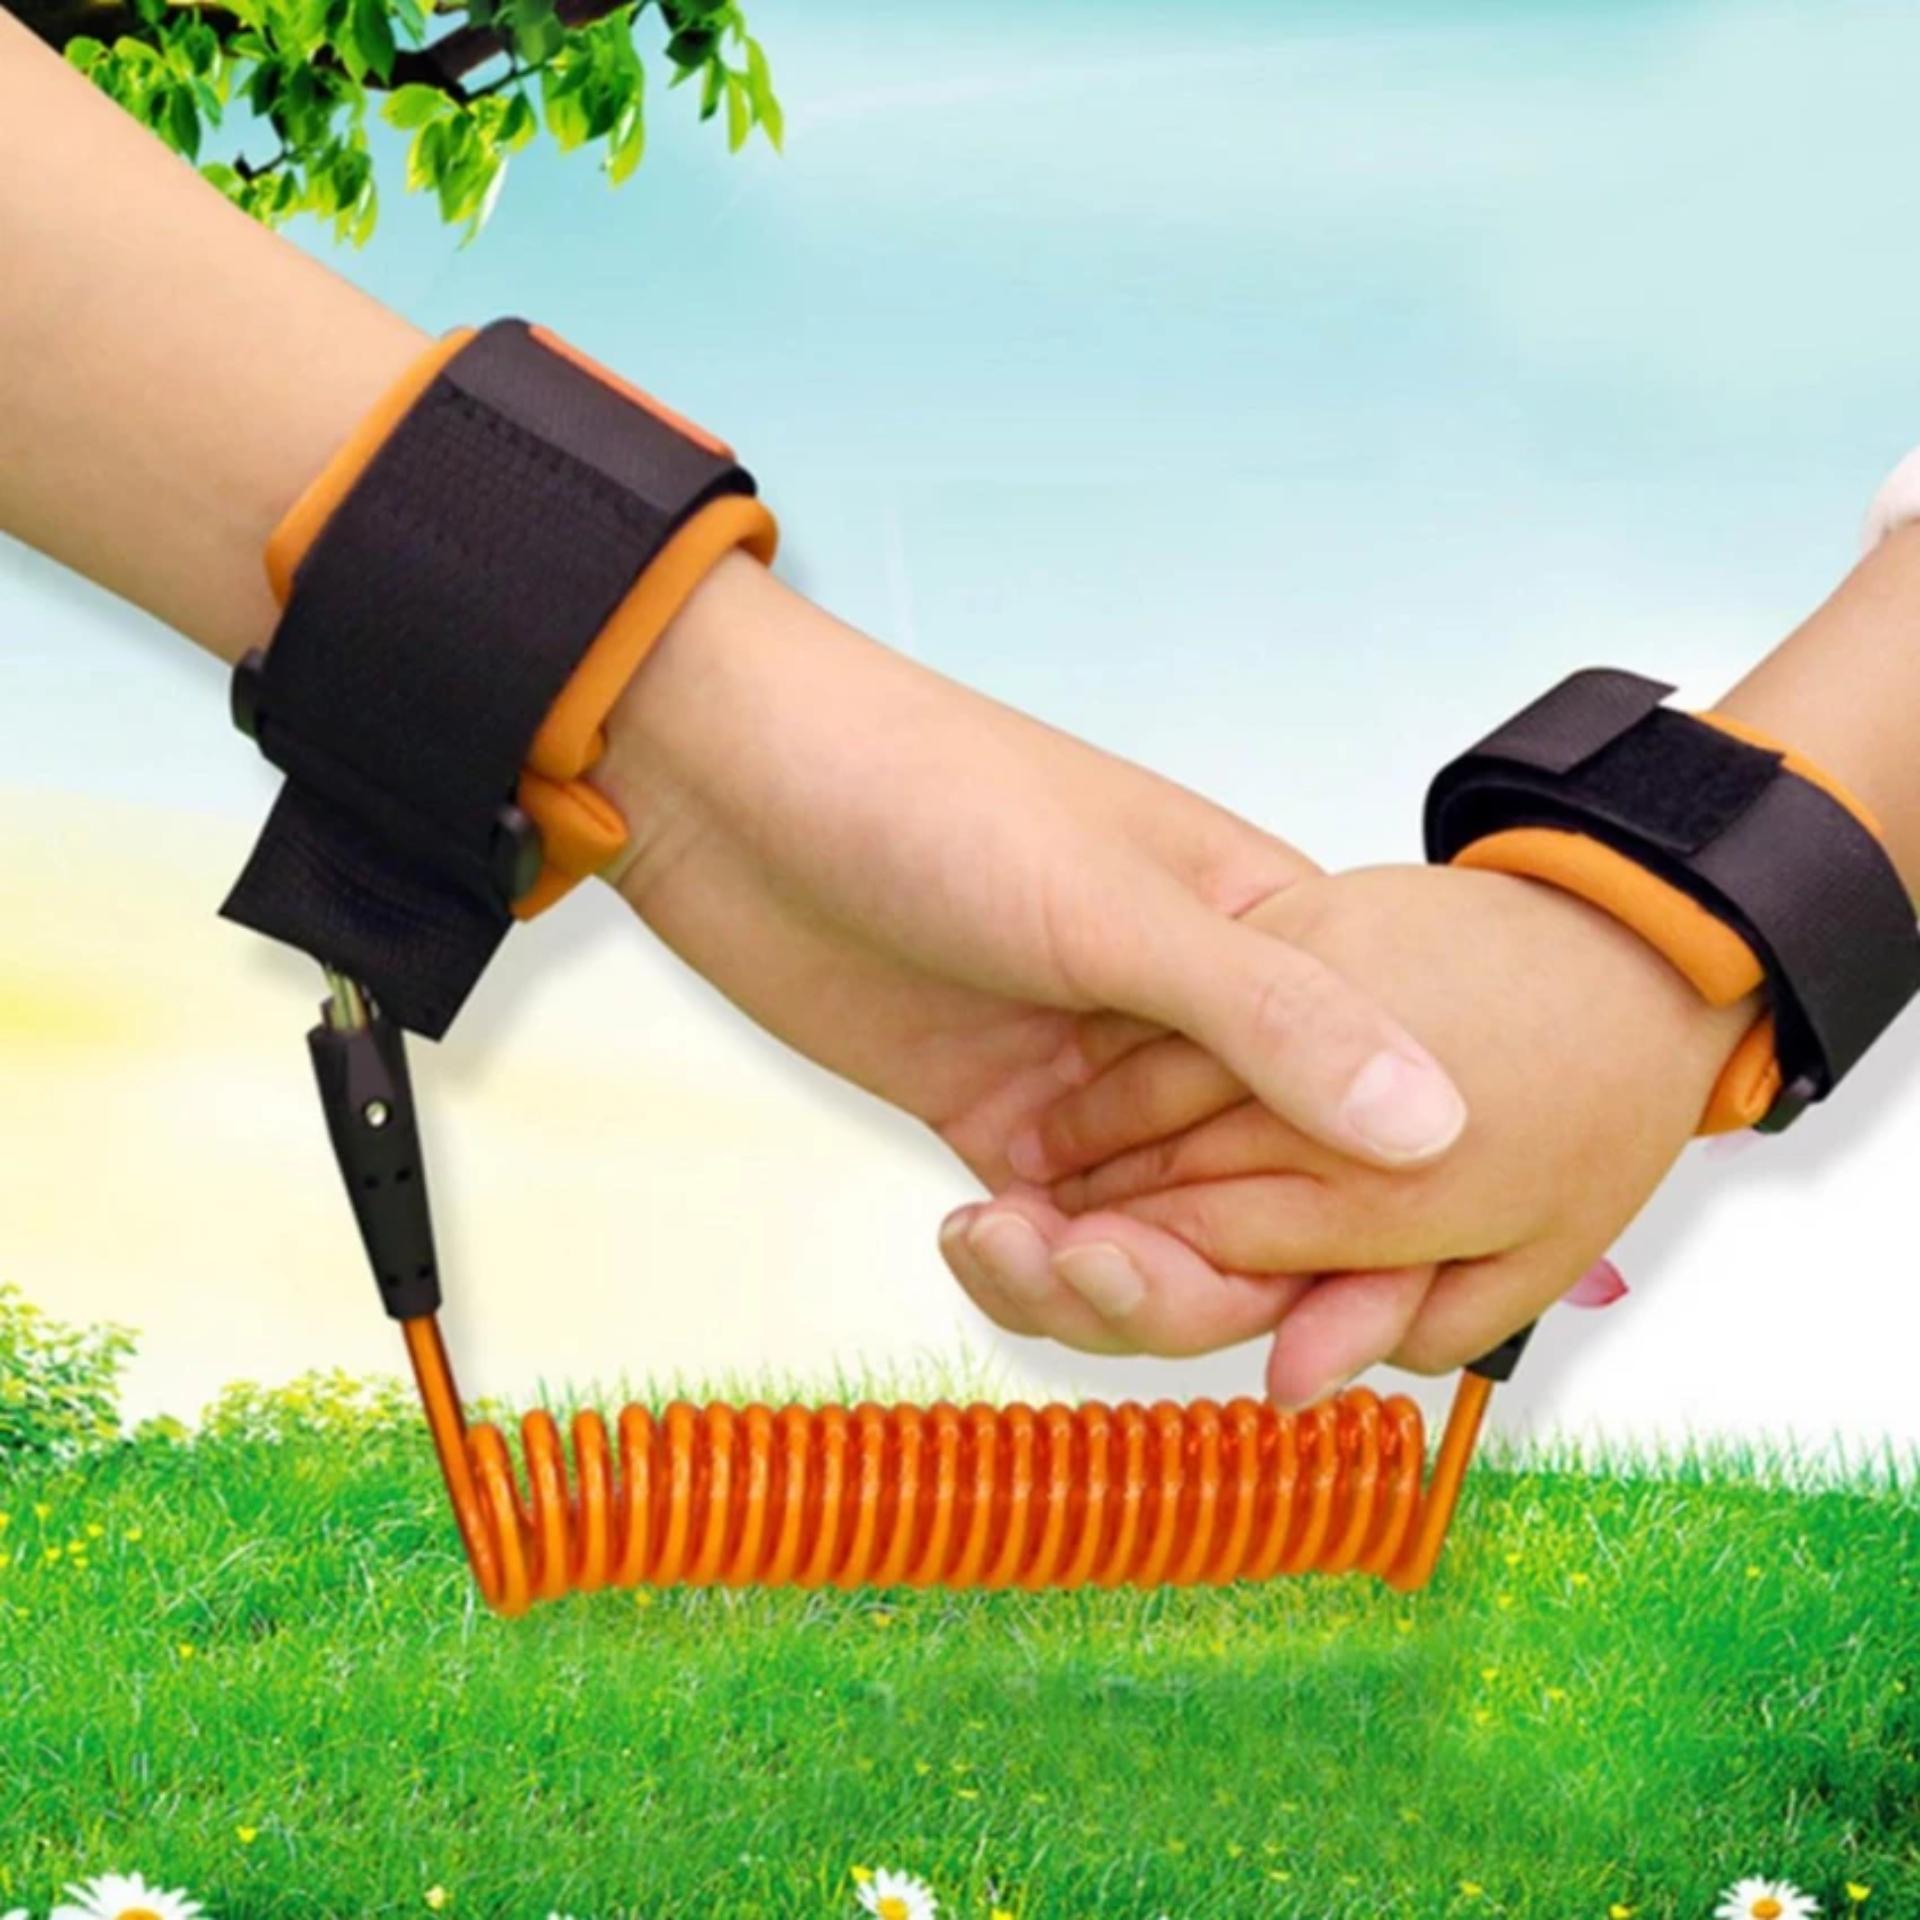 Vòng đeo tay có dây an toàn chống trẻ đi lạc